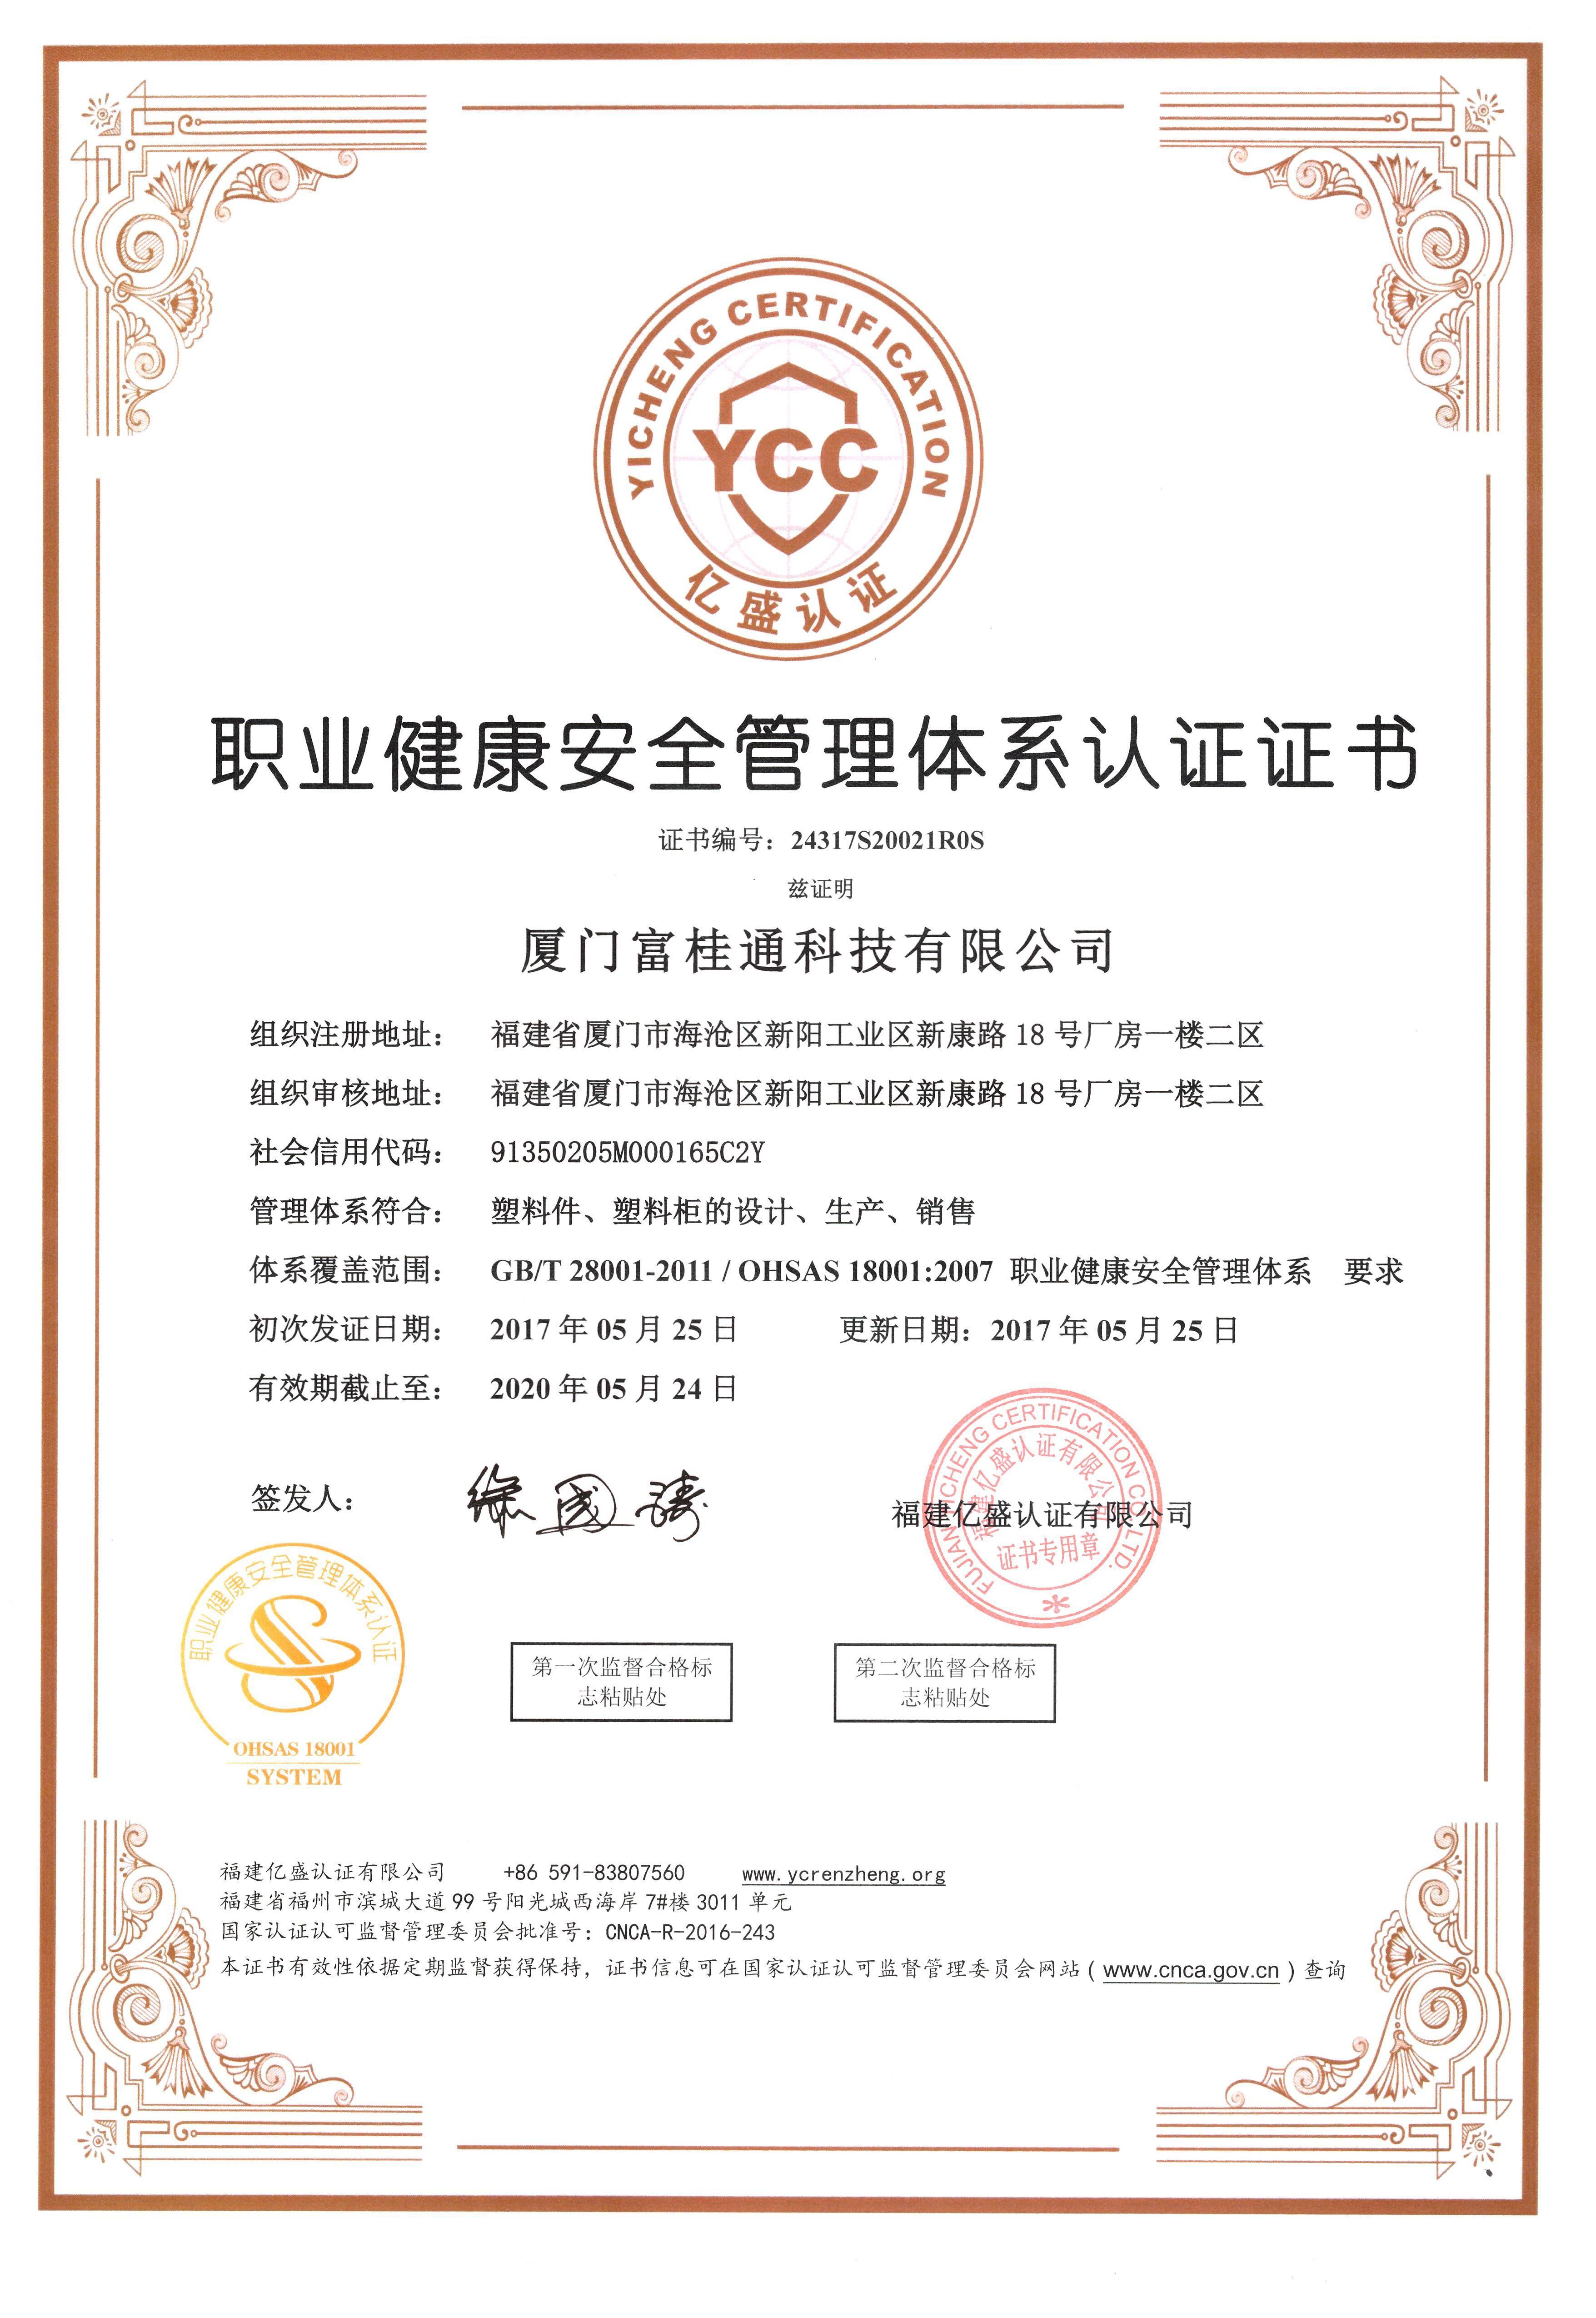 富桂通科技荣获证书